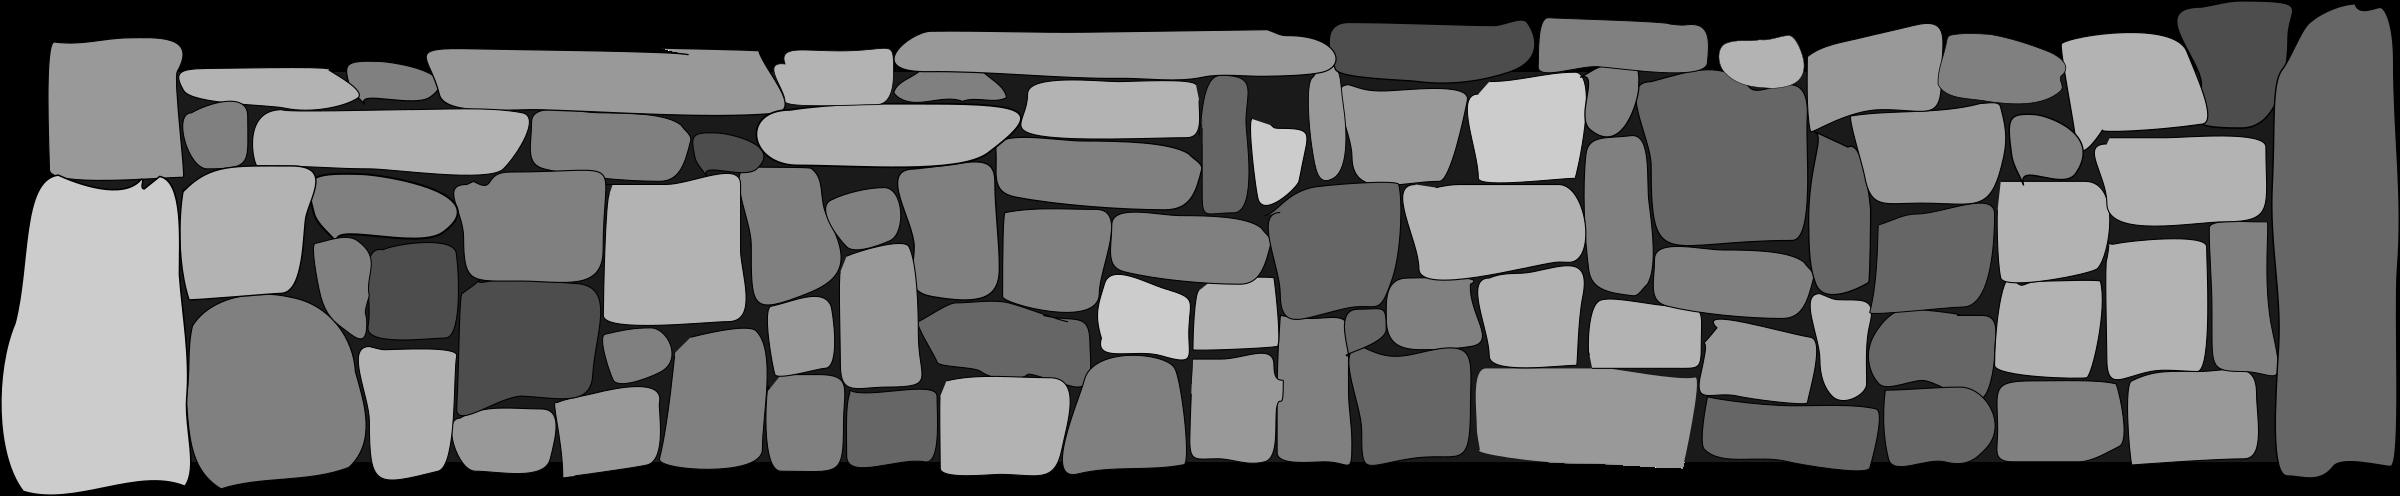 Cobblestone Clip Art : Stone fence clipart clipground